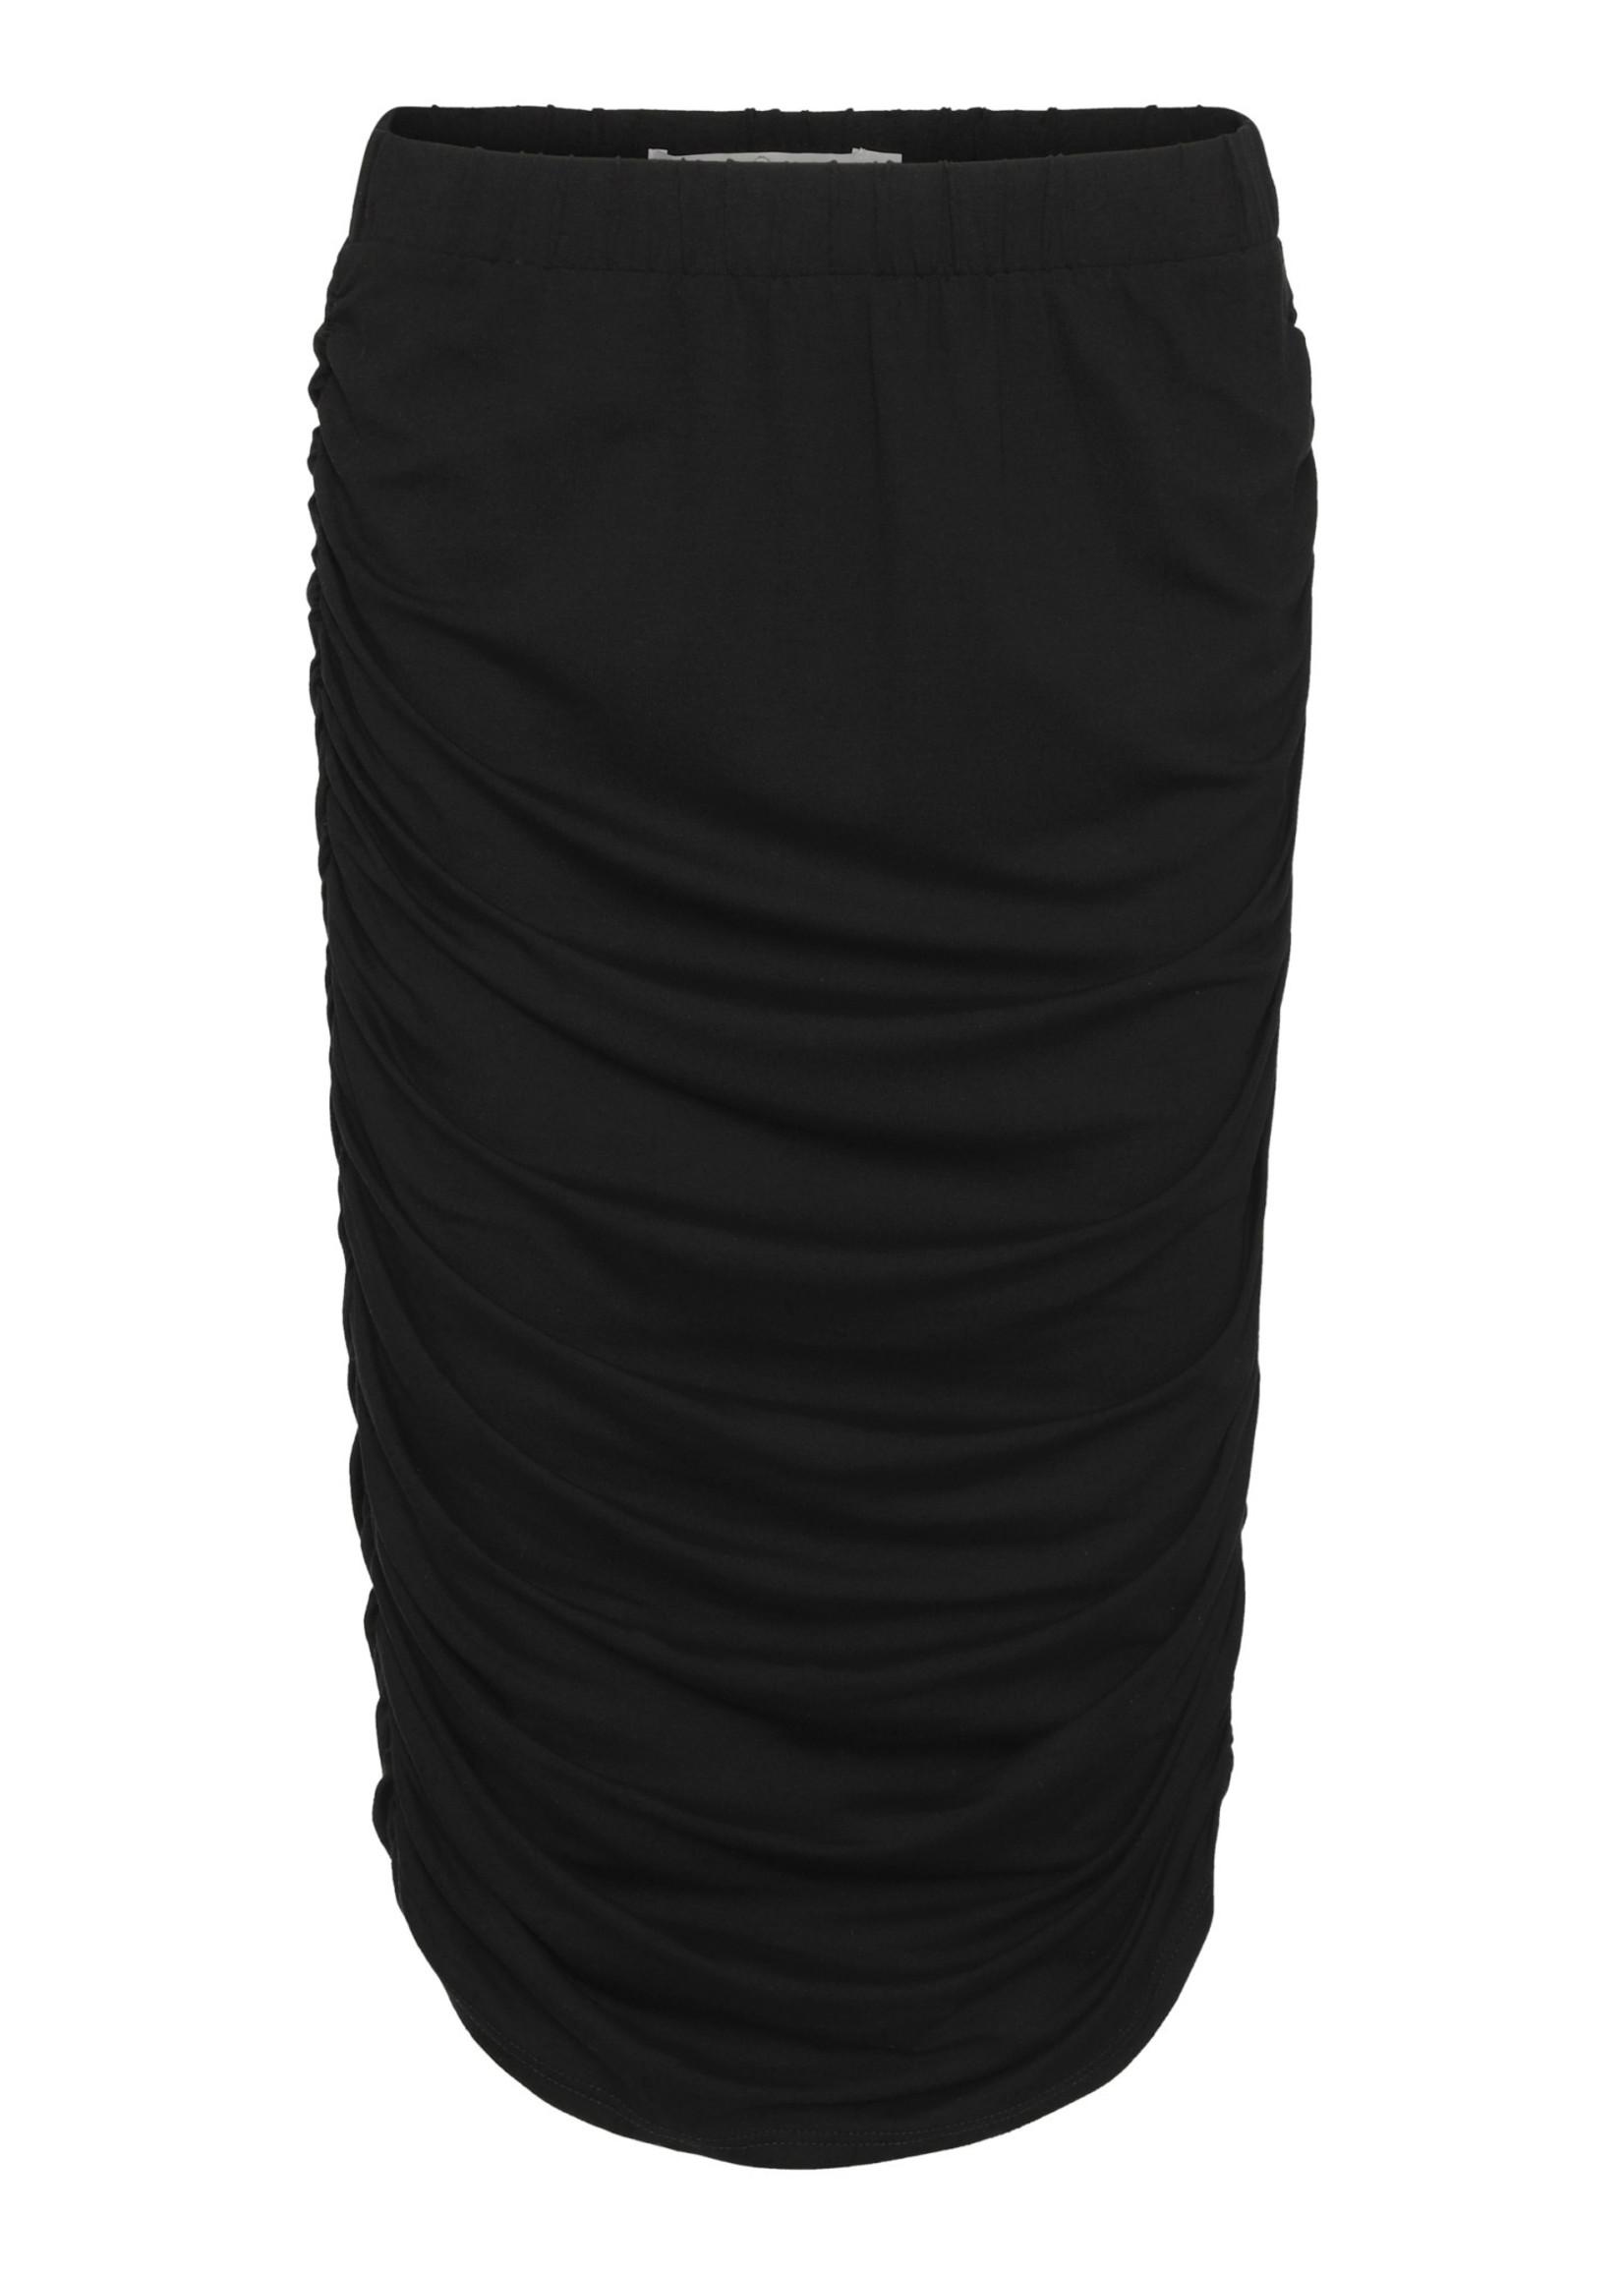 COSTAMANI Tarroc skirt Black Laatste - maat S